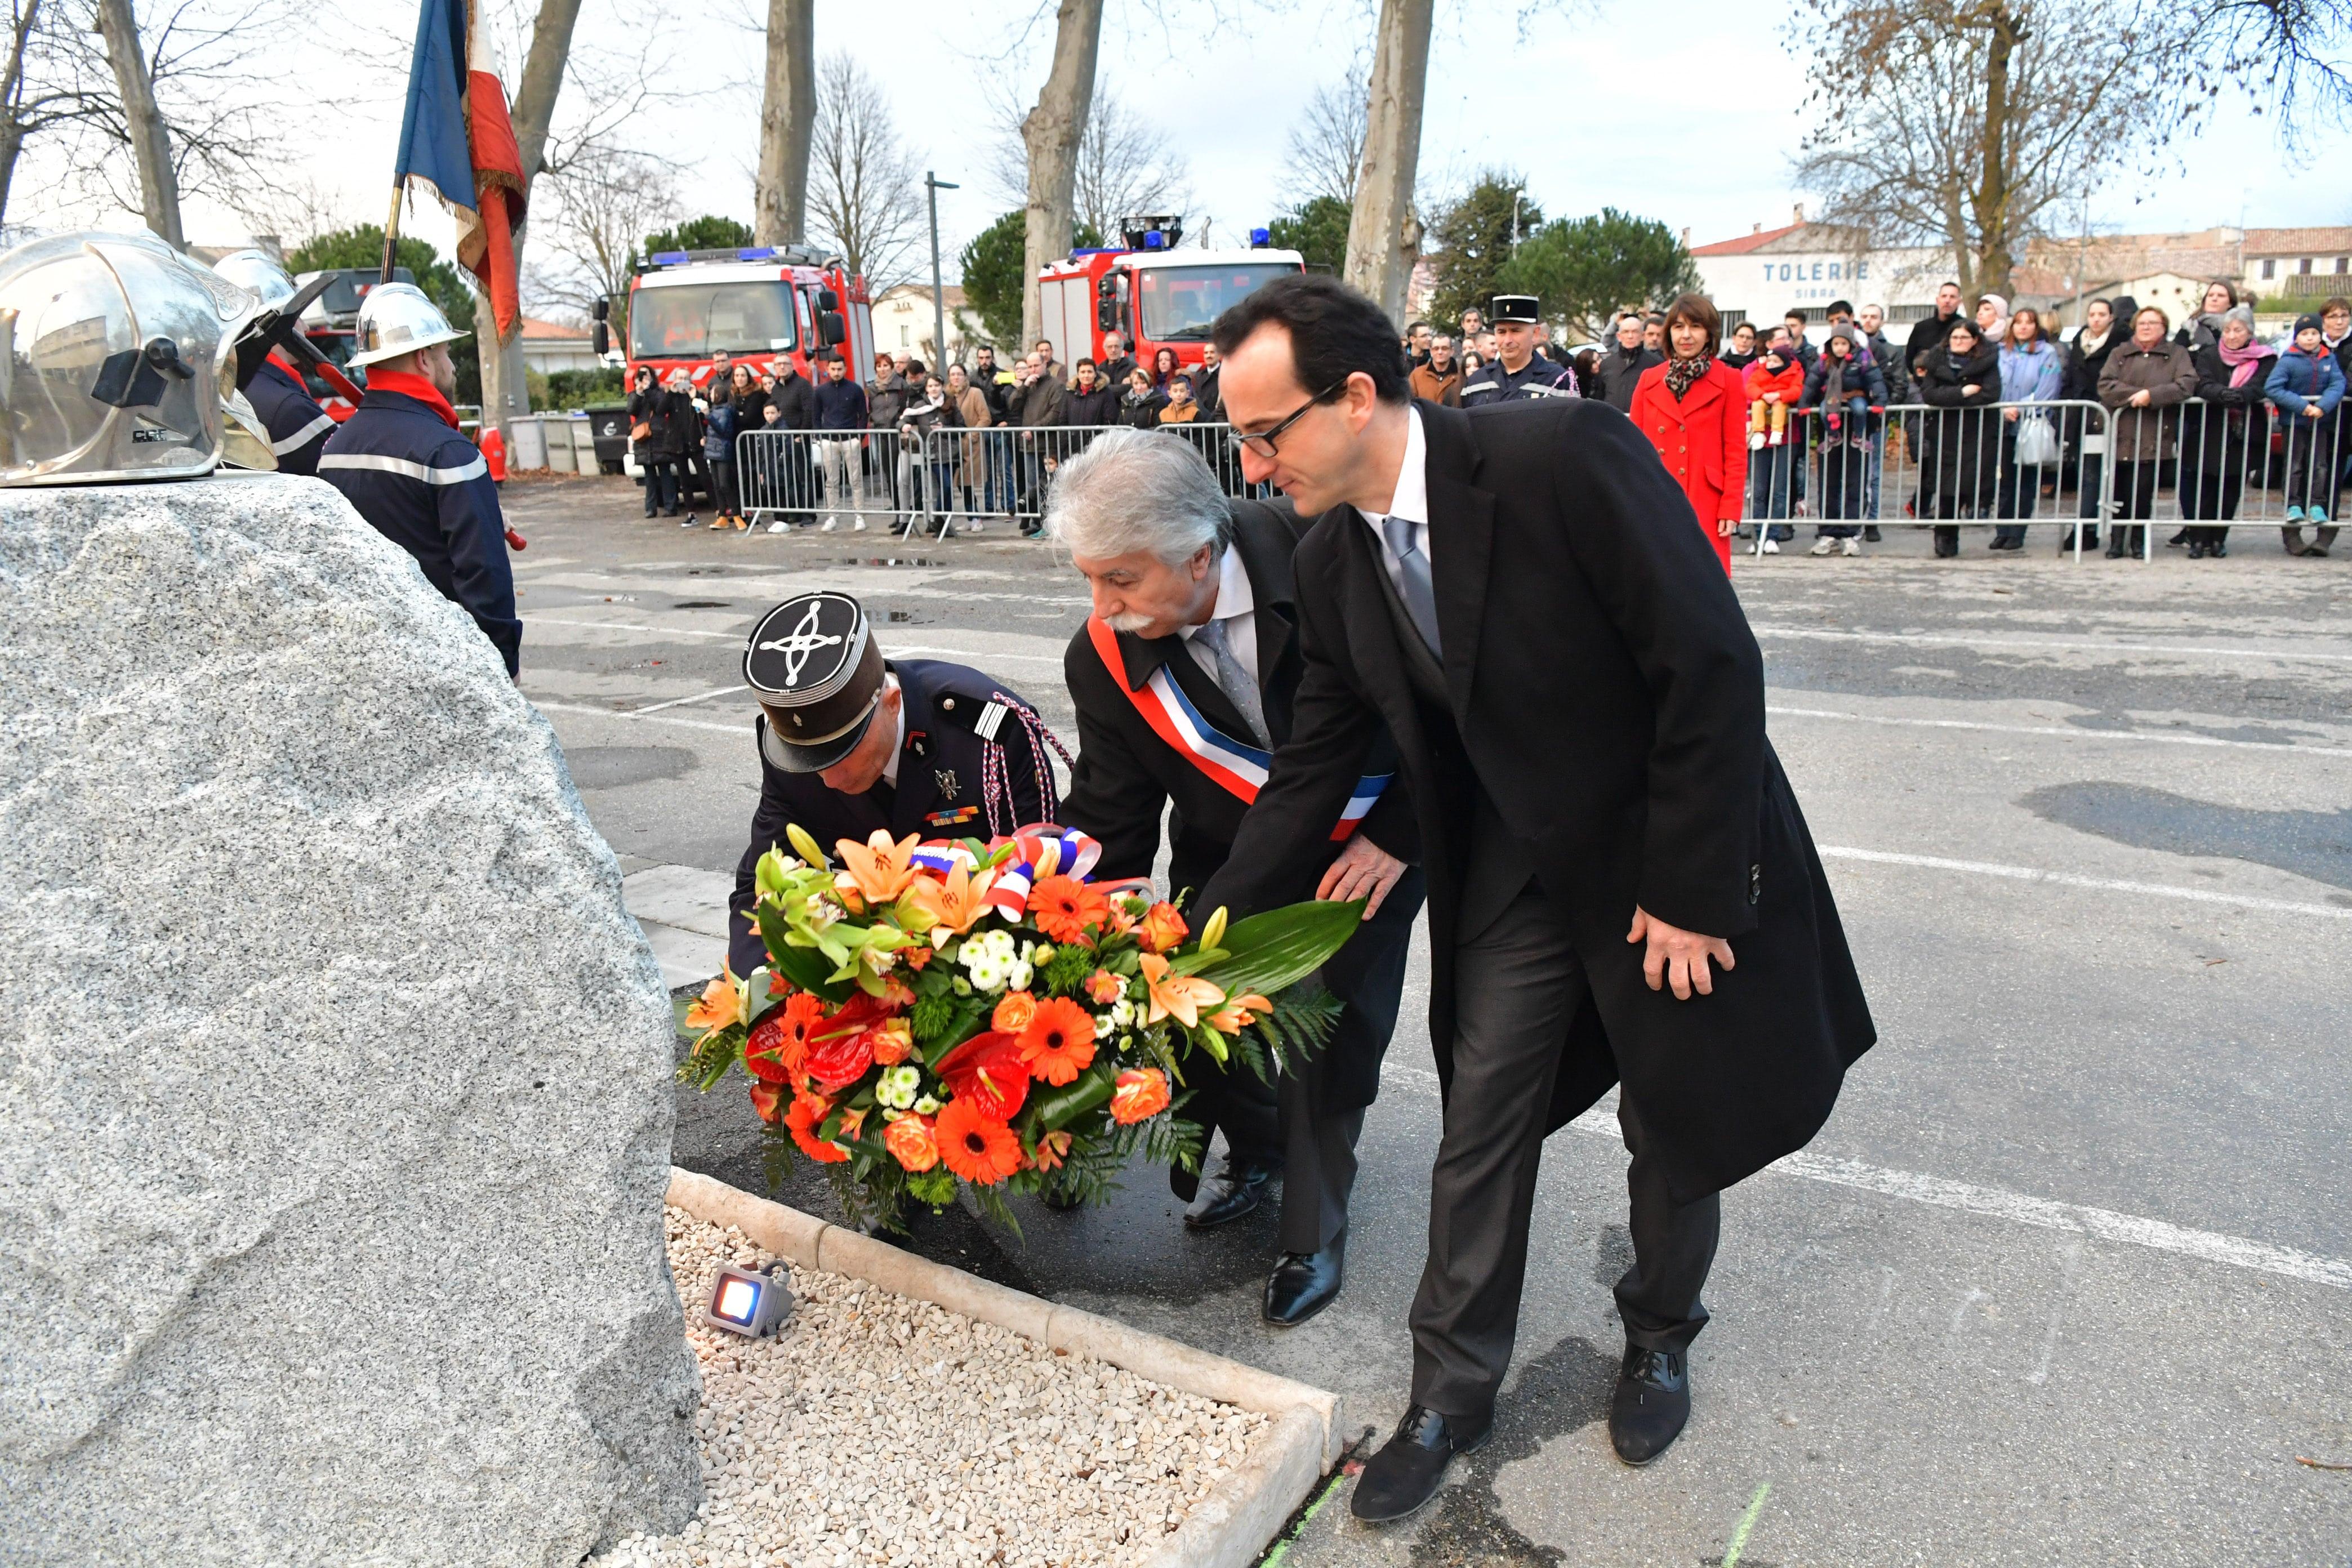 Dépot de gerbe par le Colonel Benedittini , Mr Maugard maire de Castelnaudary et Mr Greffier